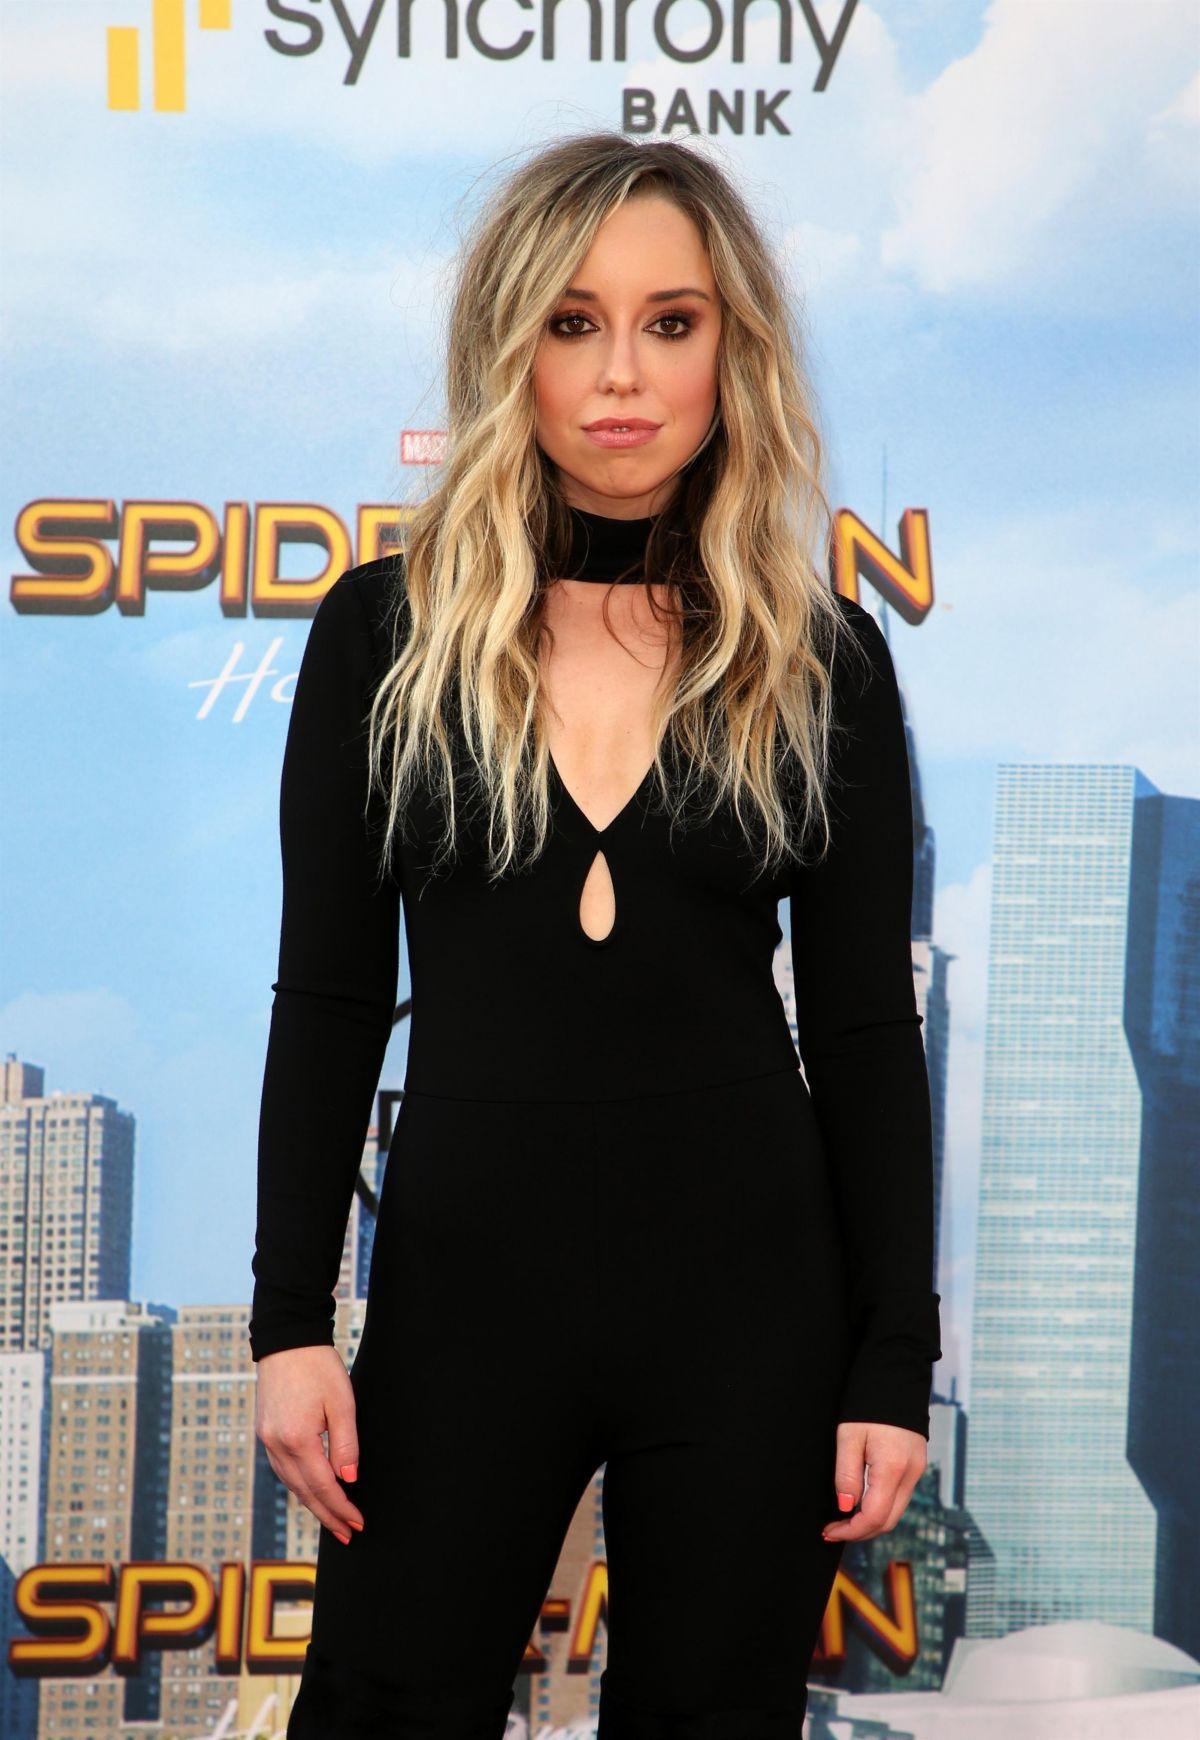 SKYLER SHAYE at Spiderman: Homecoming Premiere in Los Angeles 06/28/2017